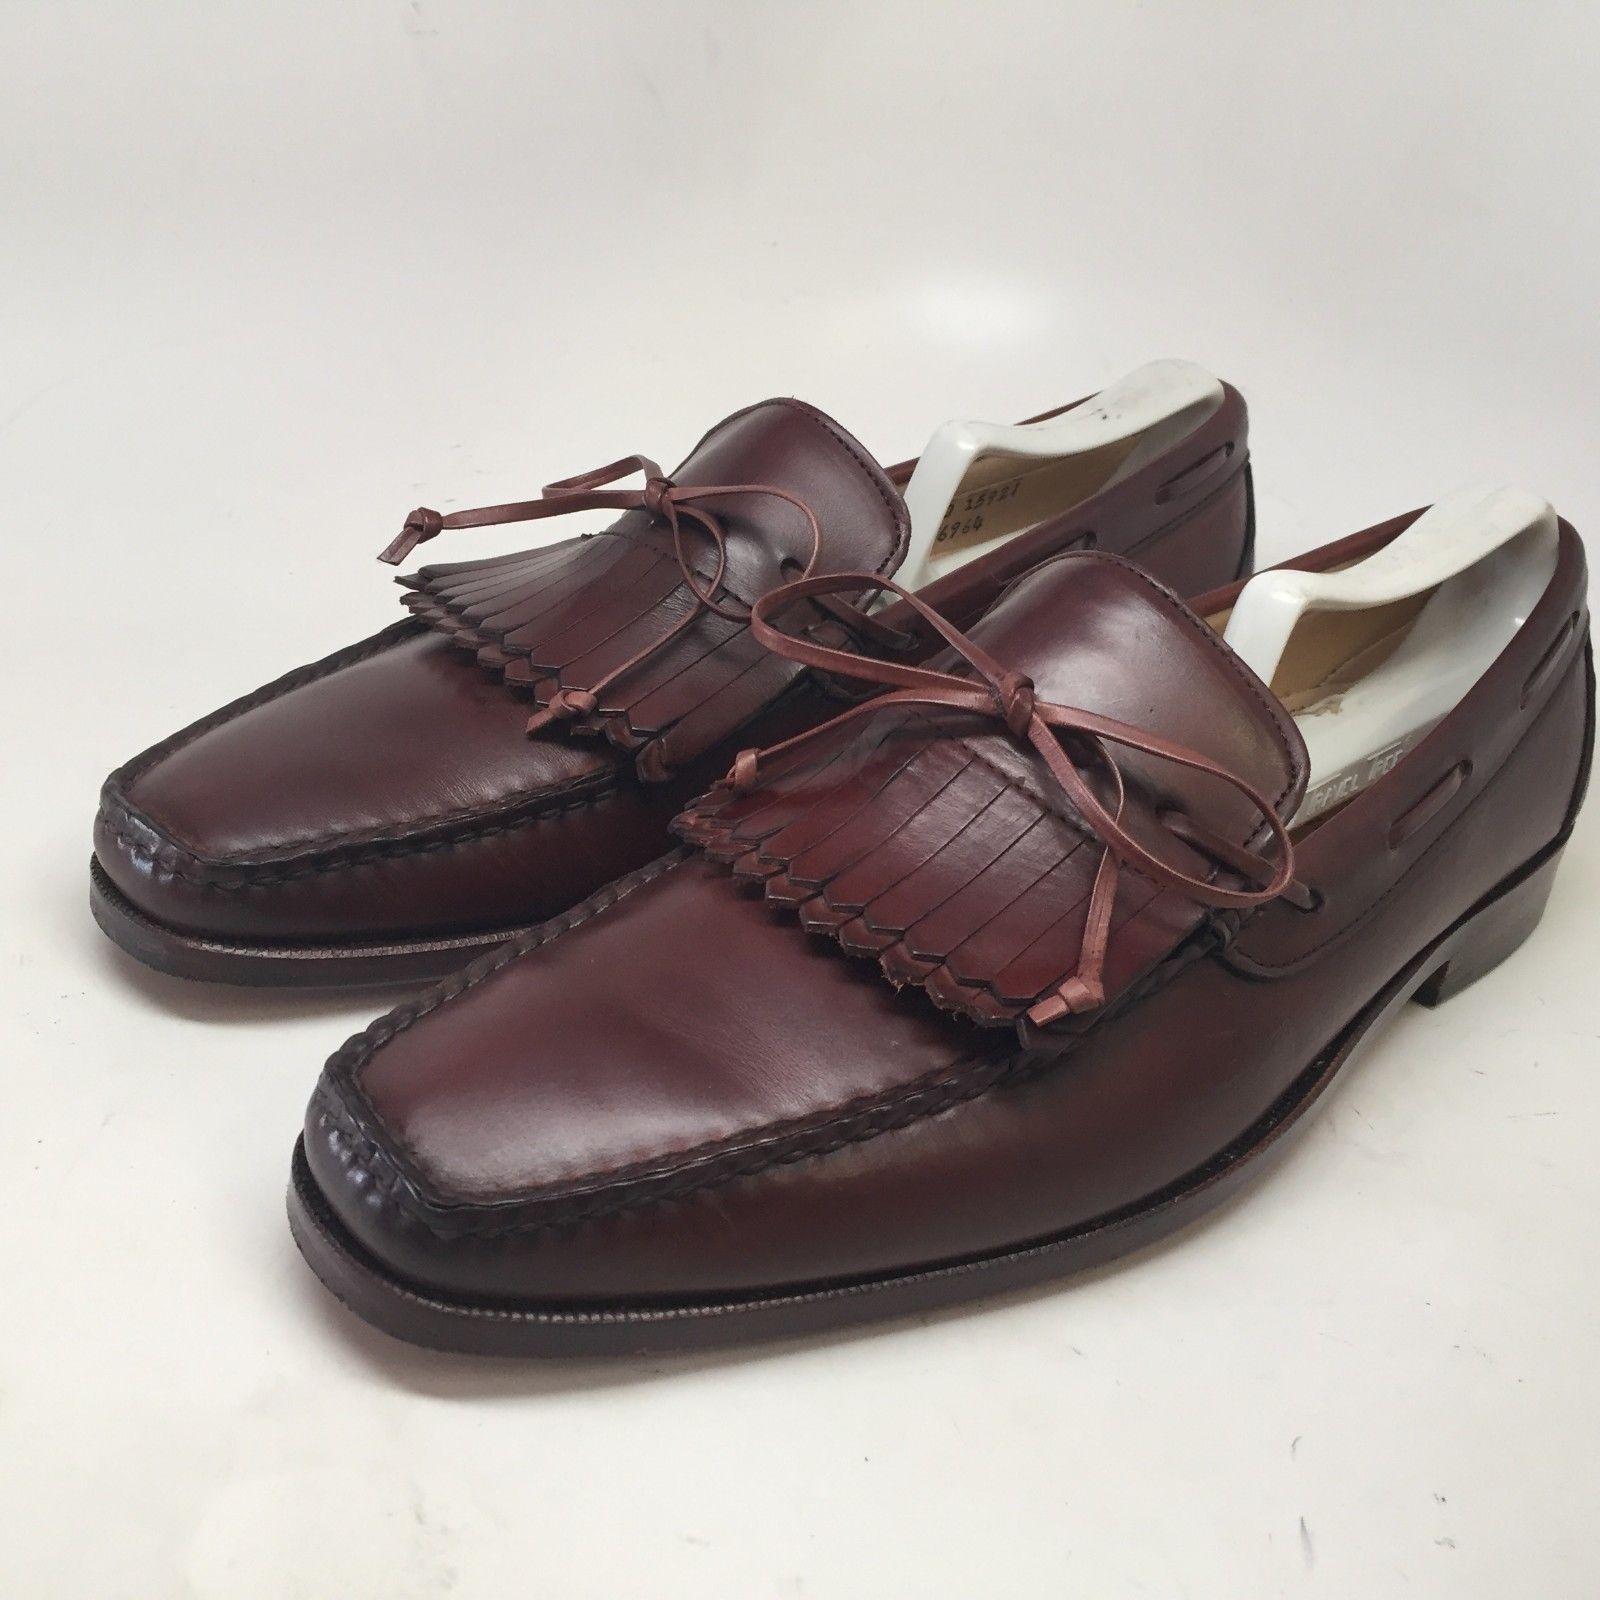 Allen Edmonds USA Alton Tan Brown Leather Loafer Kiltie Slip On Shoes Mens 8.5 D